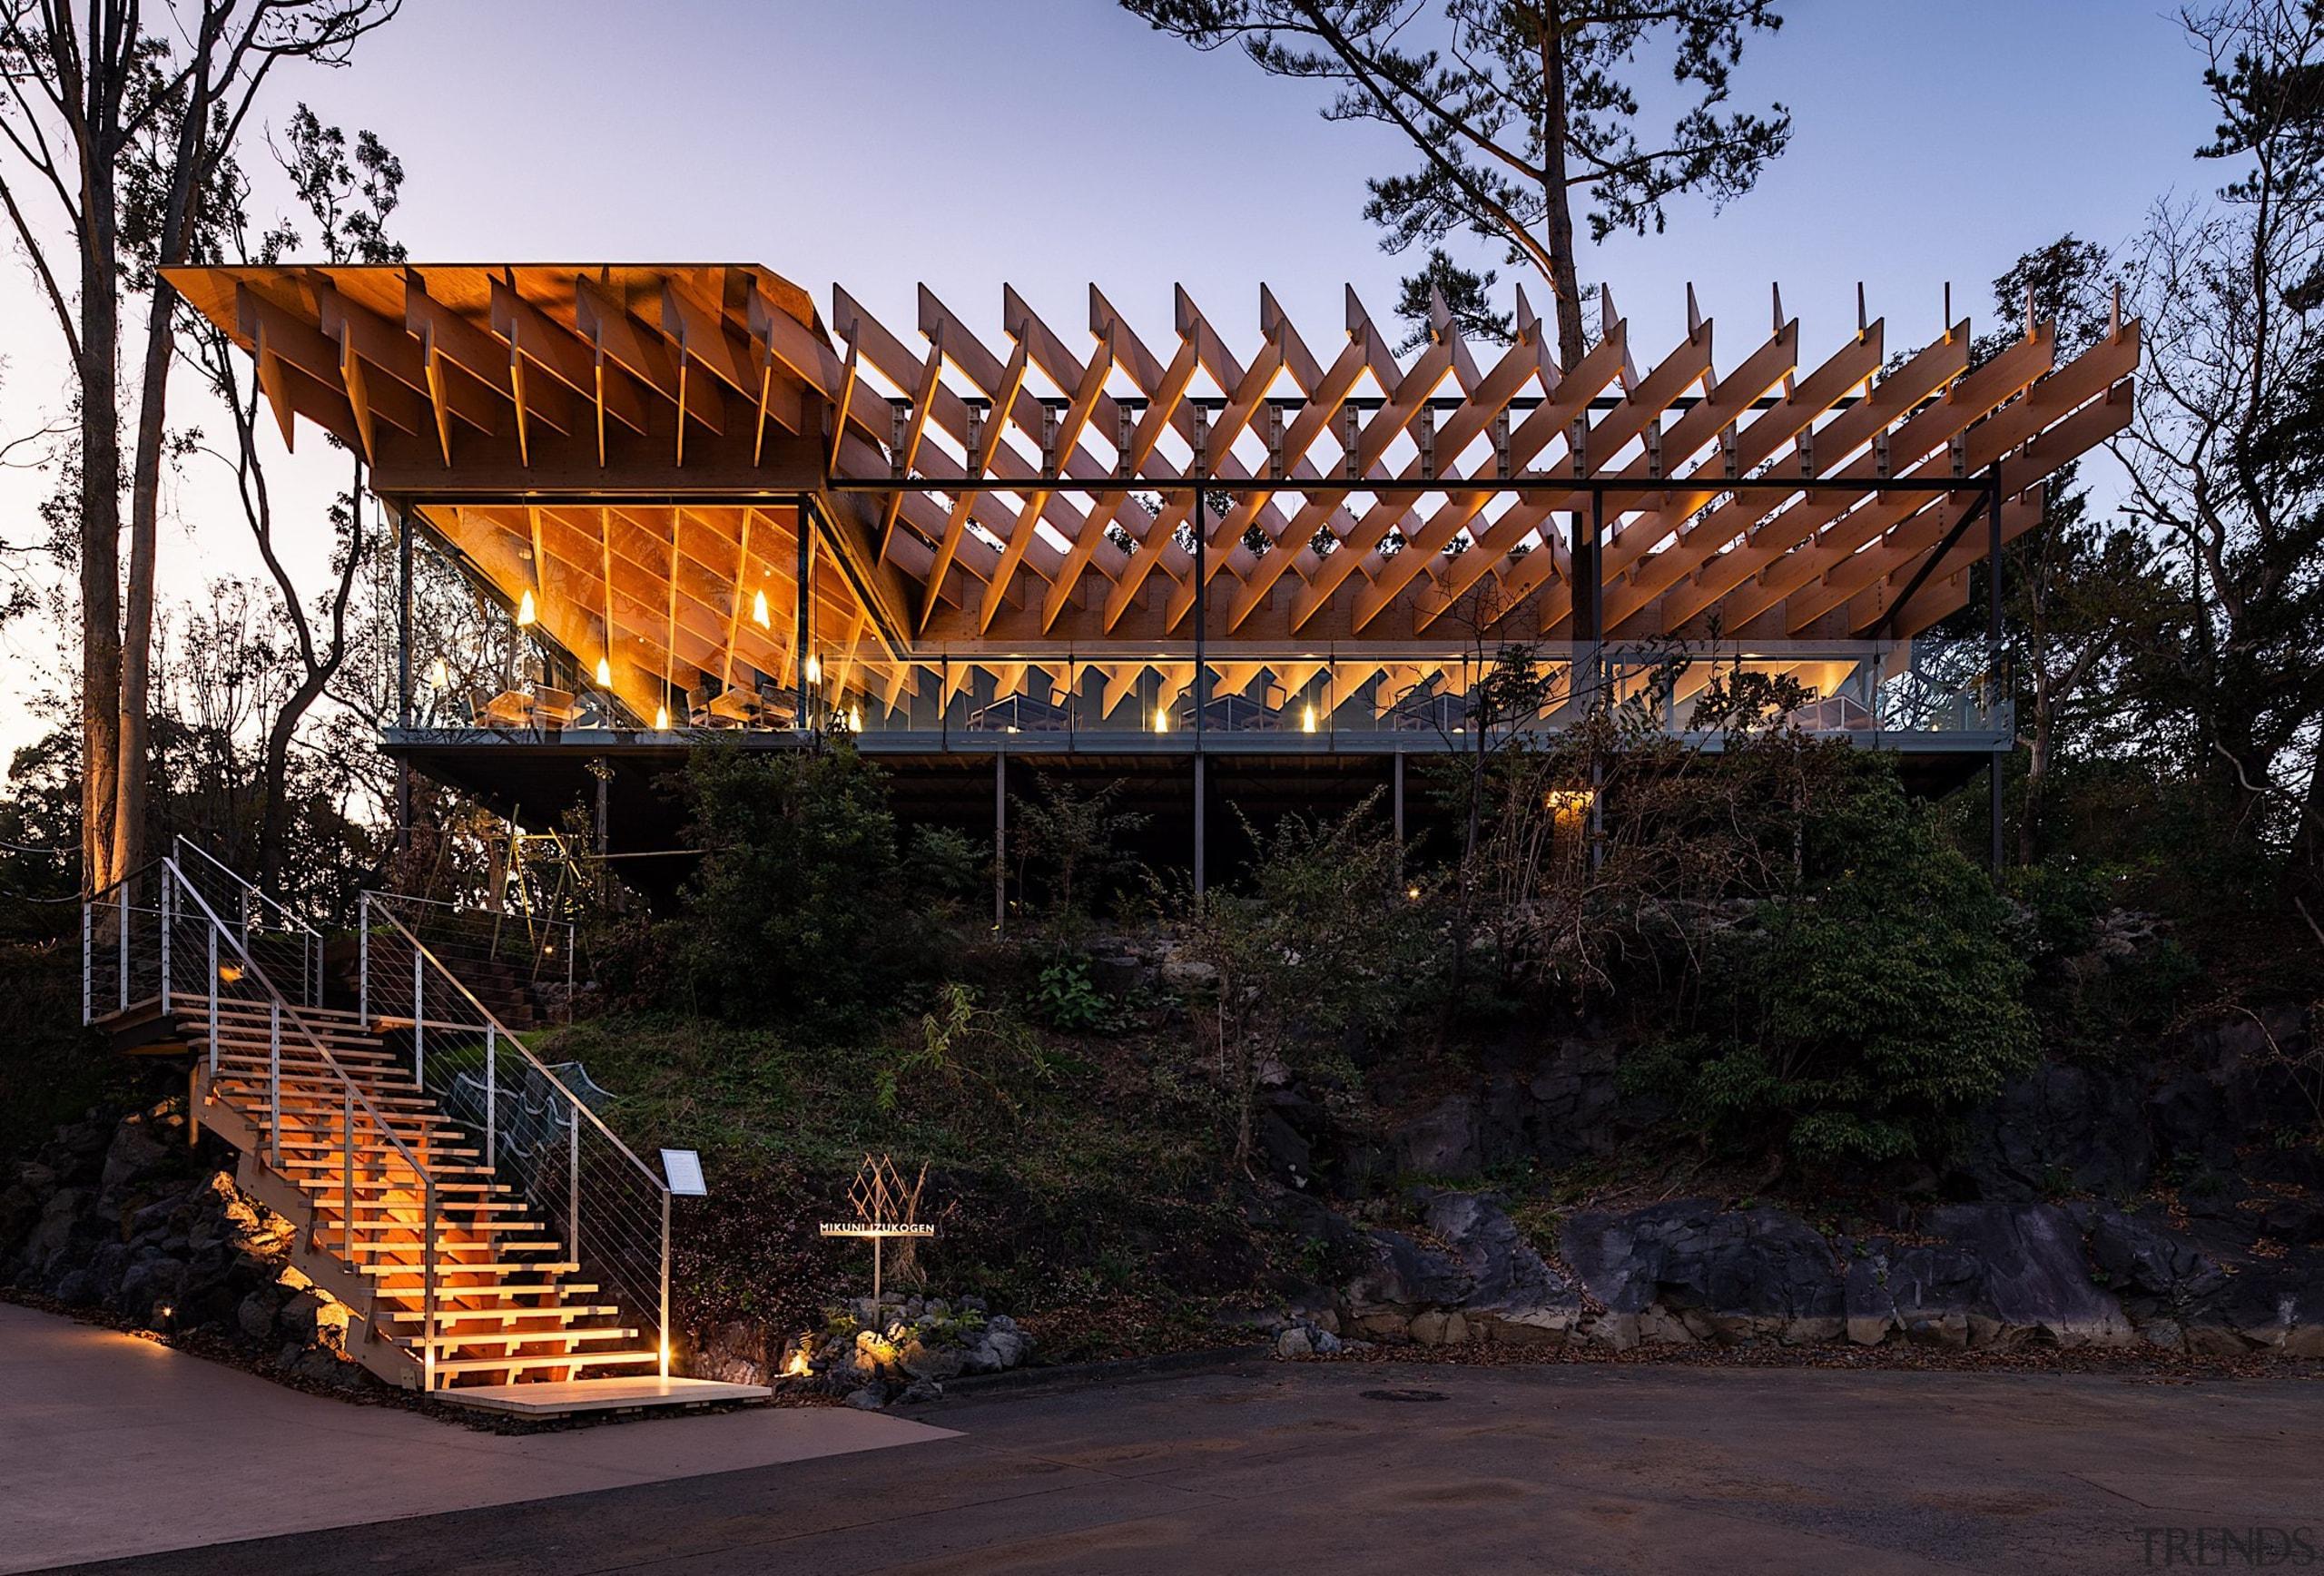 Designed by Kengo Kuma Architects, Mikuni Izu kogen black